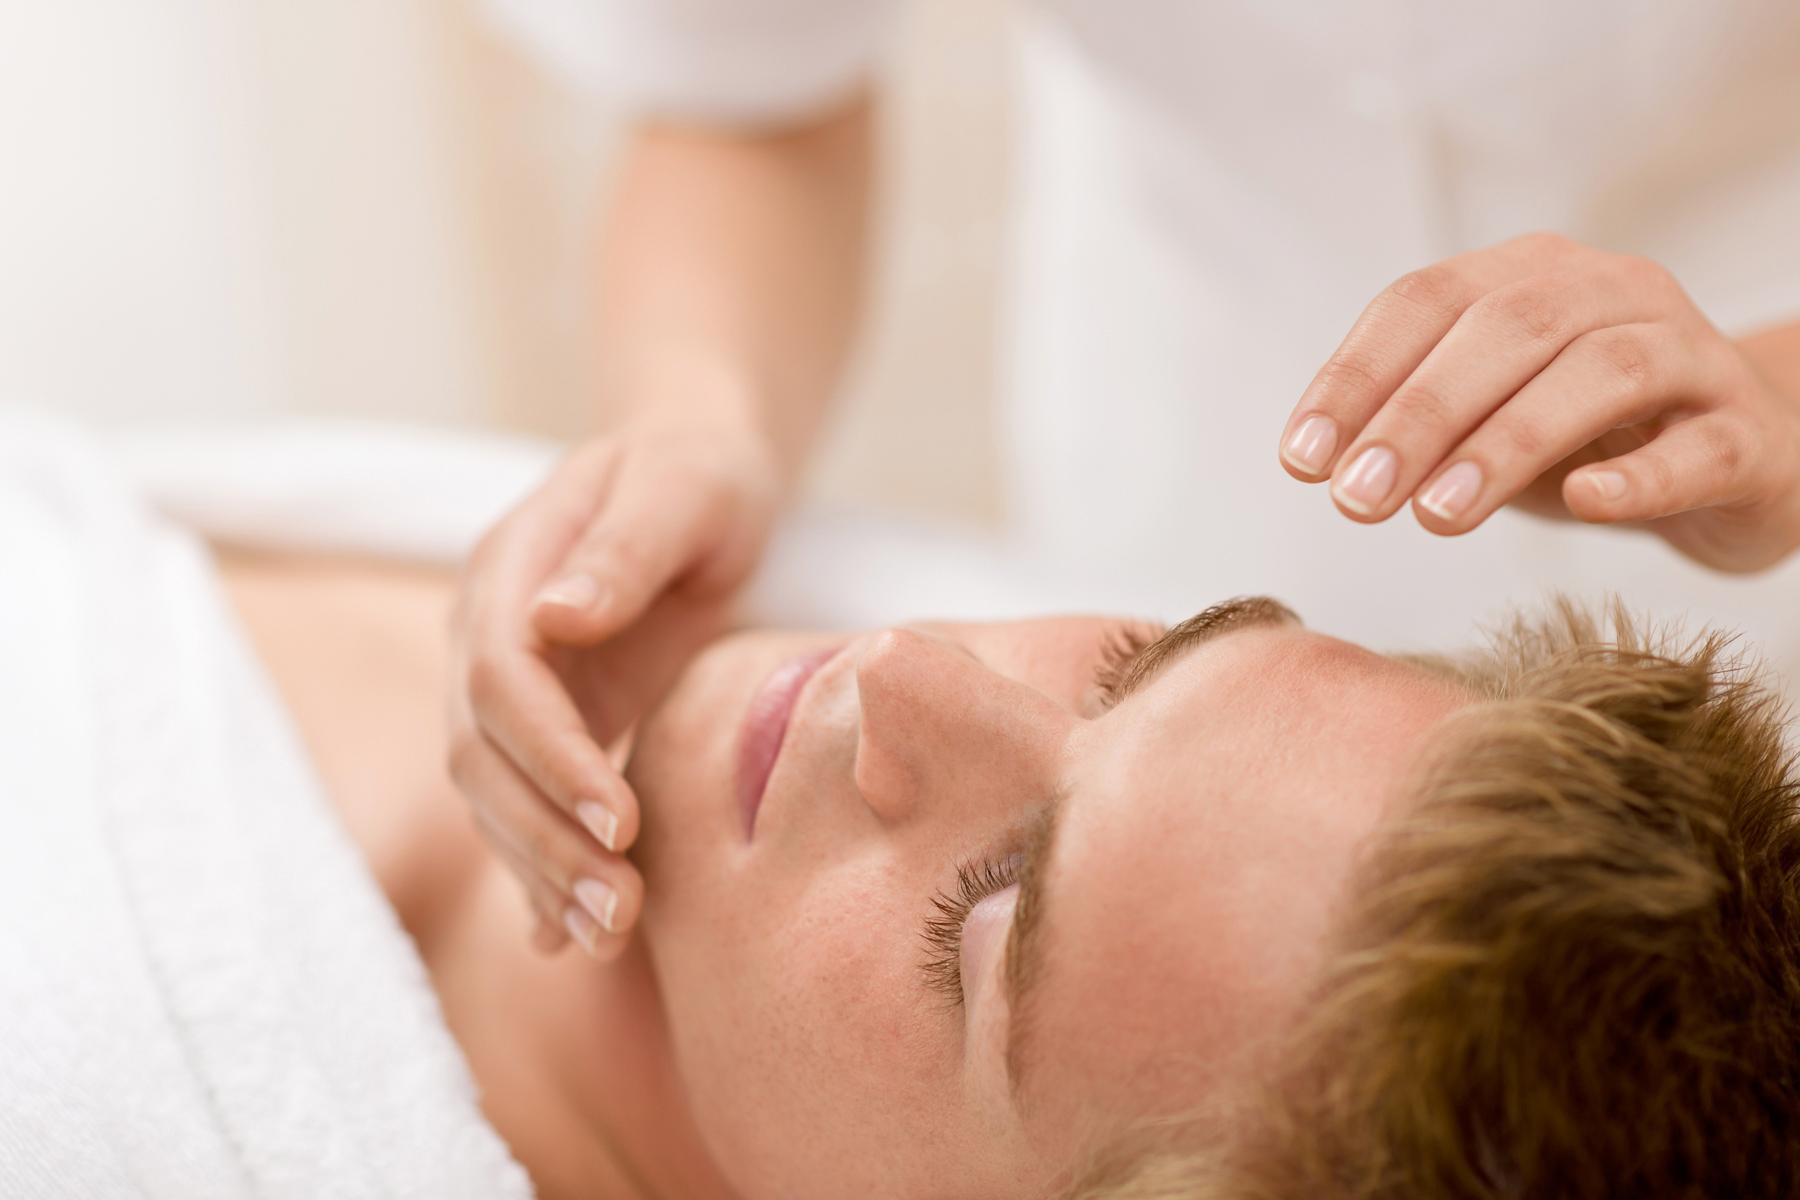 תמונת נושא טיפול פנים לגבר